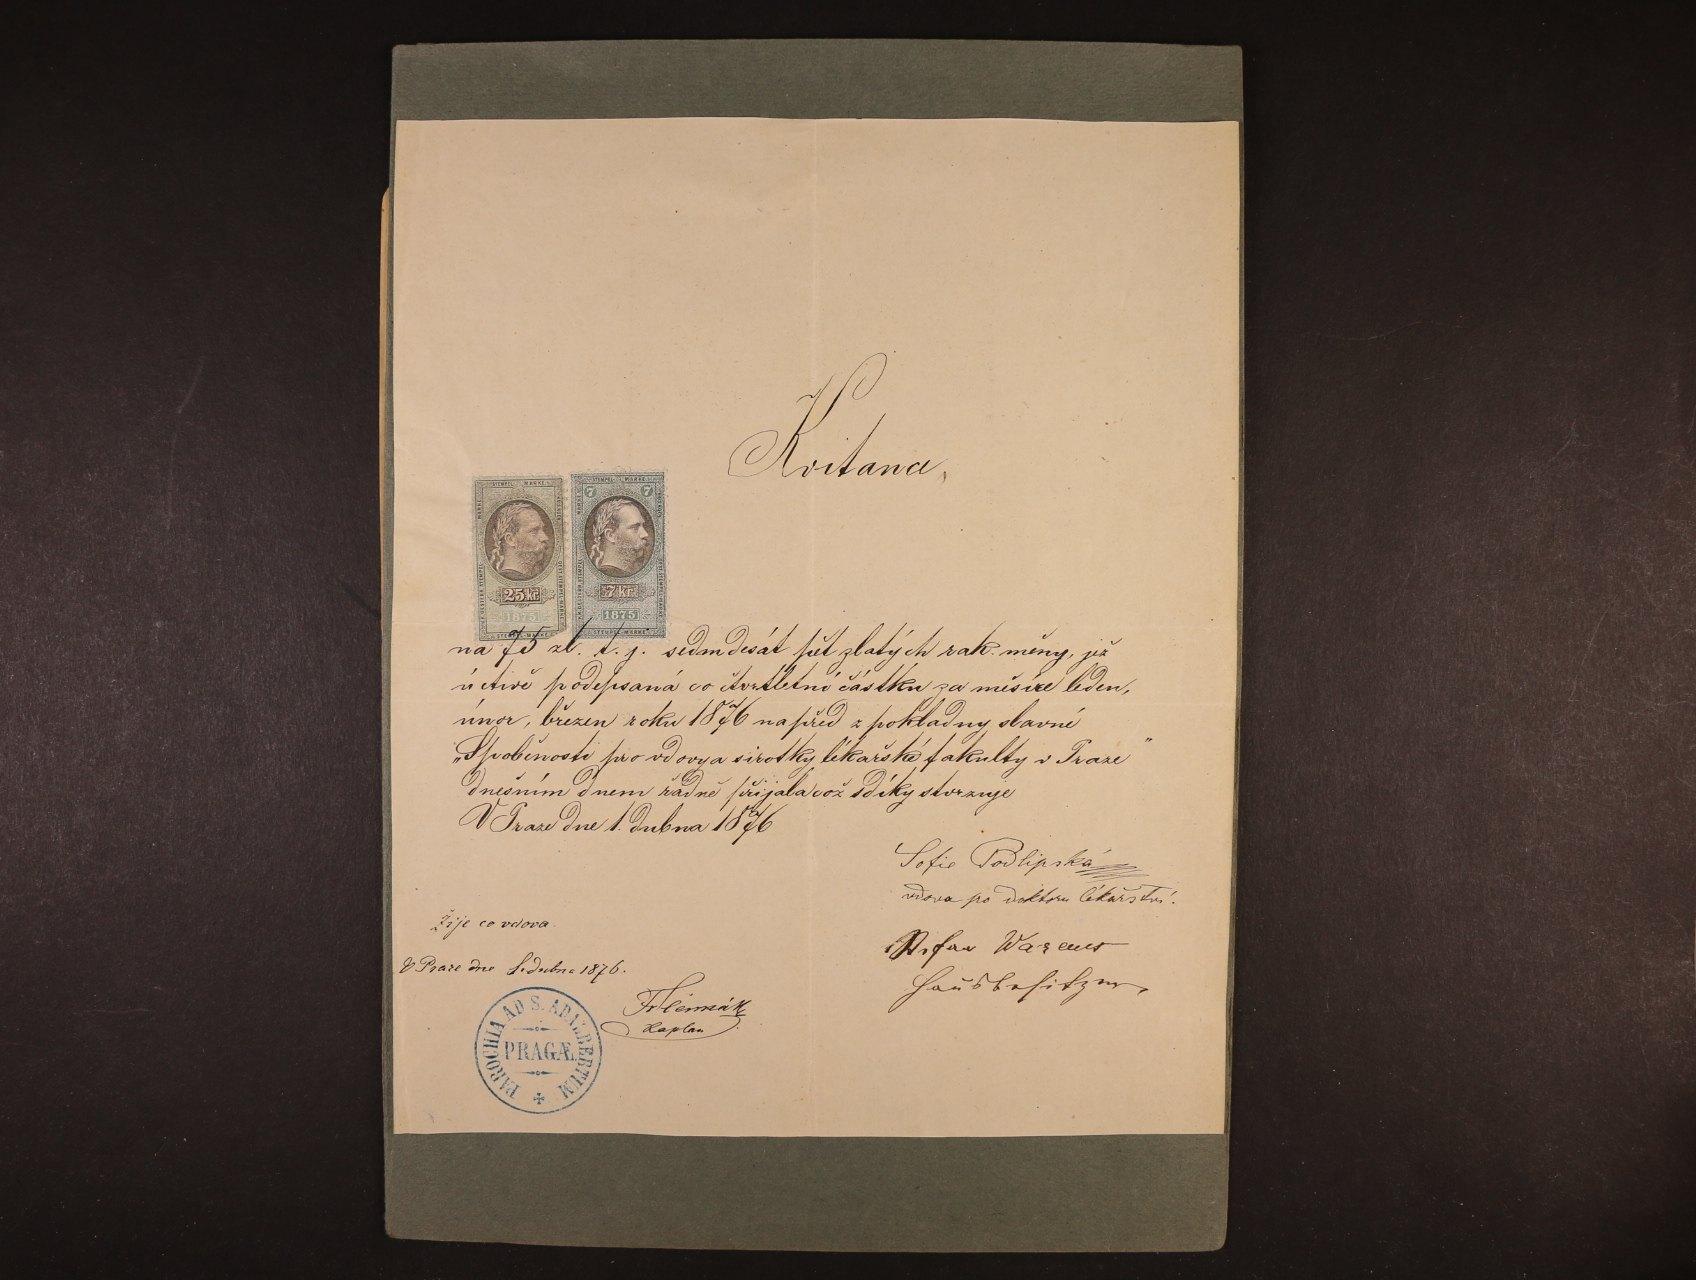 Podlipská Sofie 1833 - 1897 česká spisovatelka a překladatelka, sestra Krolíny Světlé - kvitance s vlastnoručním podpisem